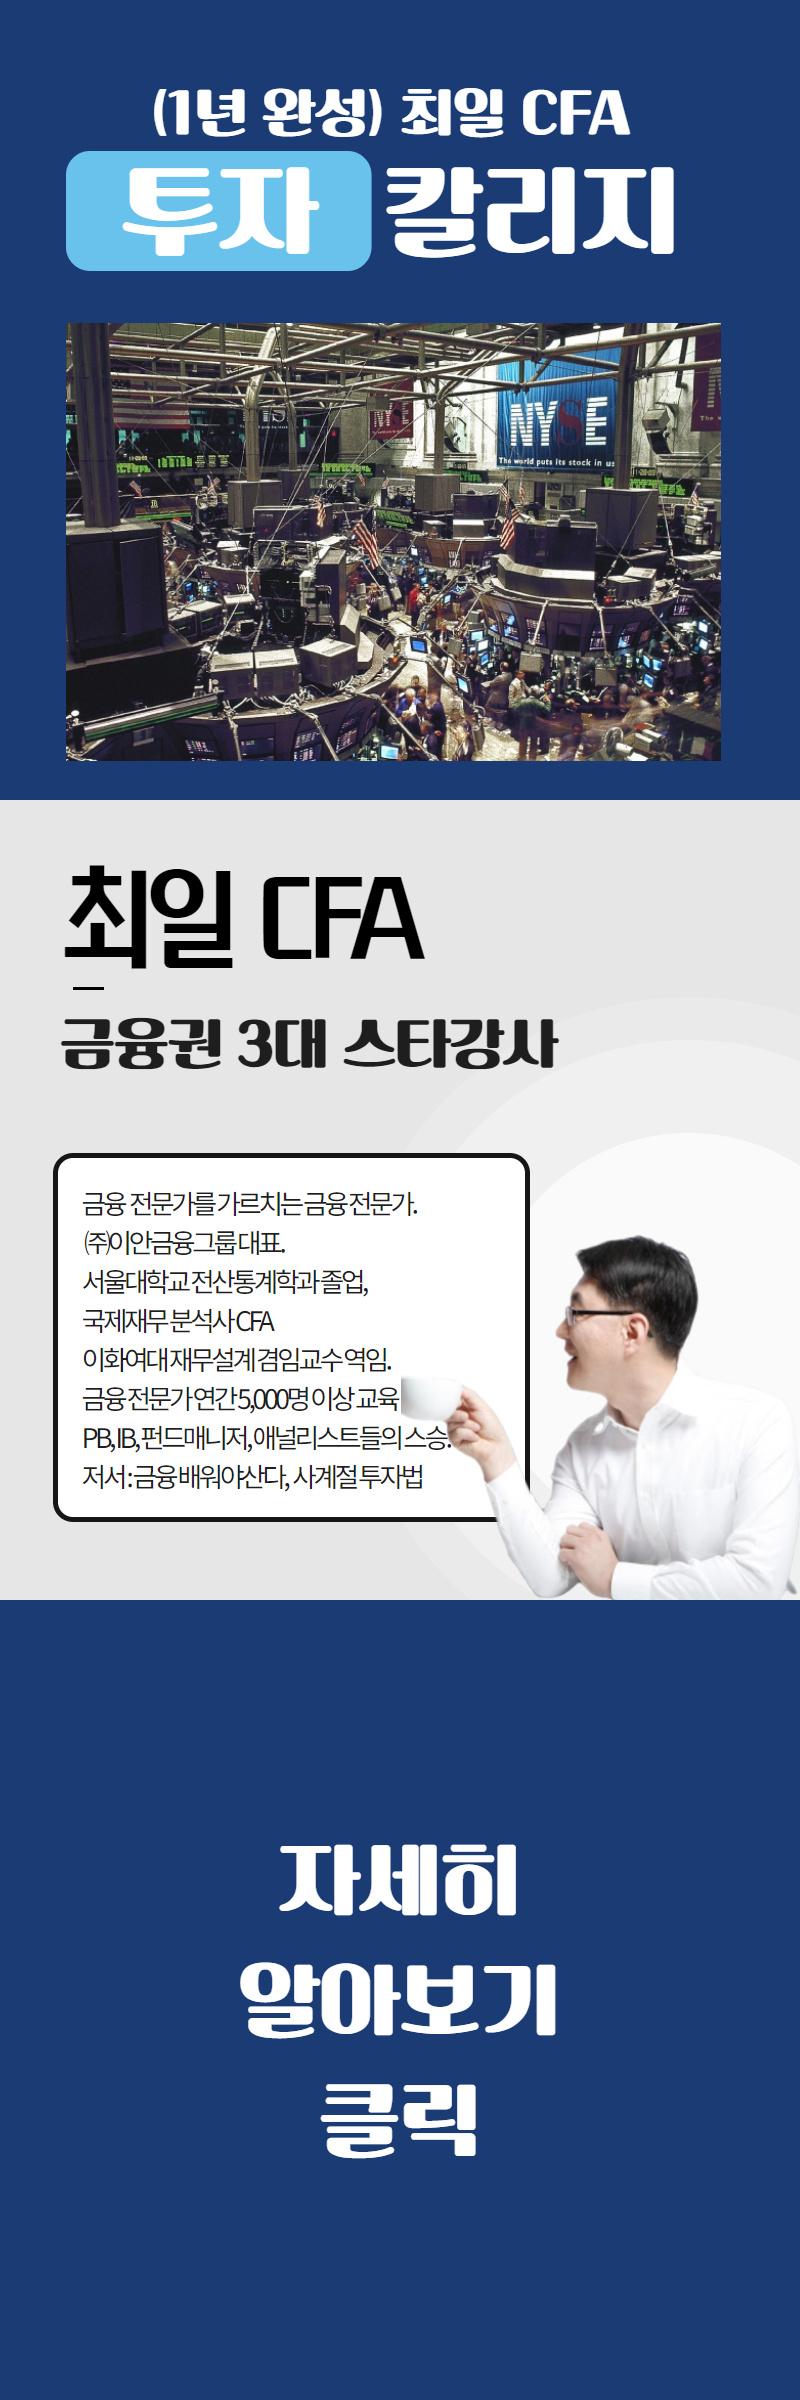 최일 CFA 투자칼리지